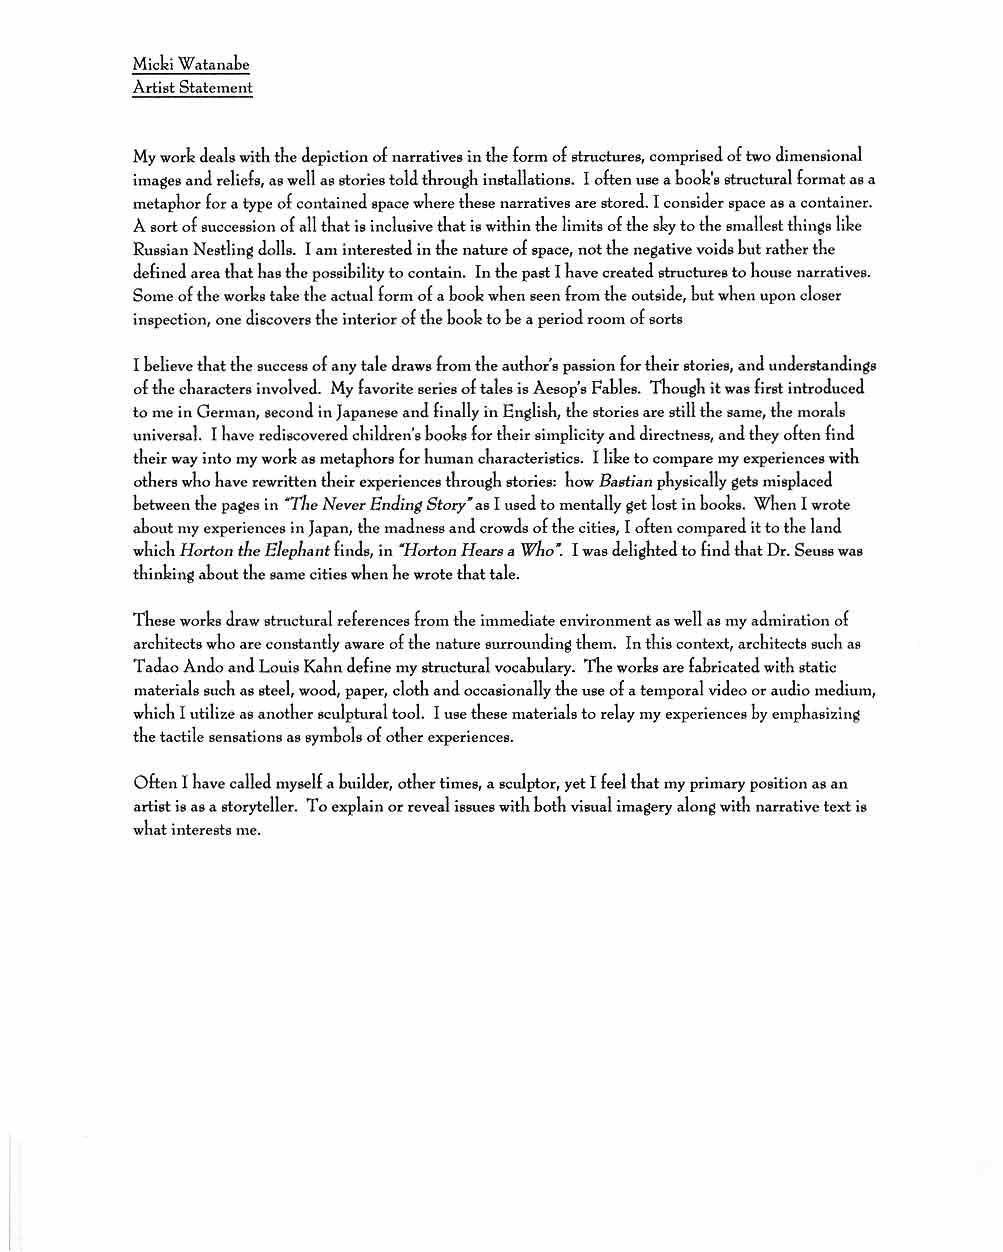 Micki Watanabe Spiller's Artist Statement (1)